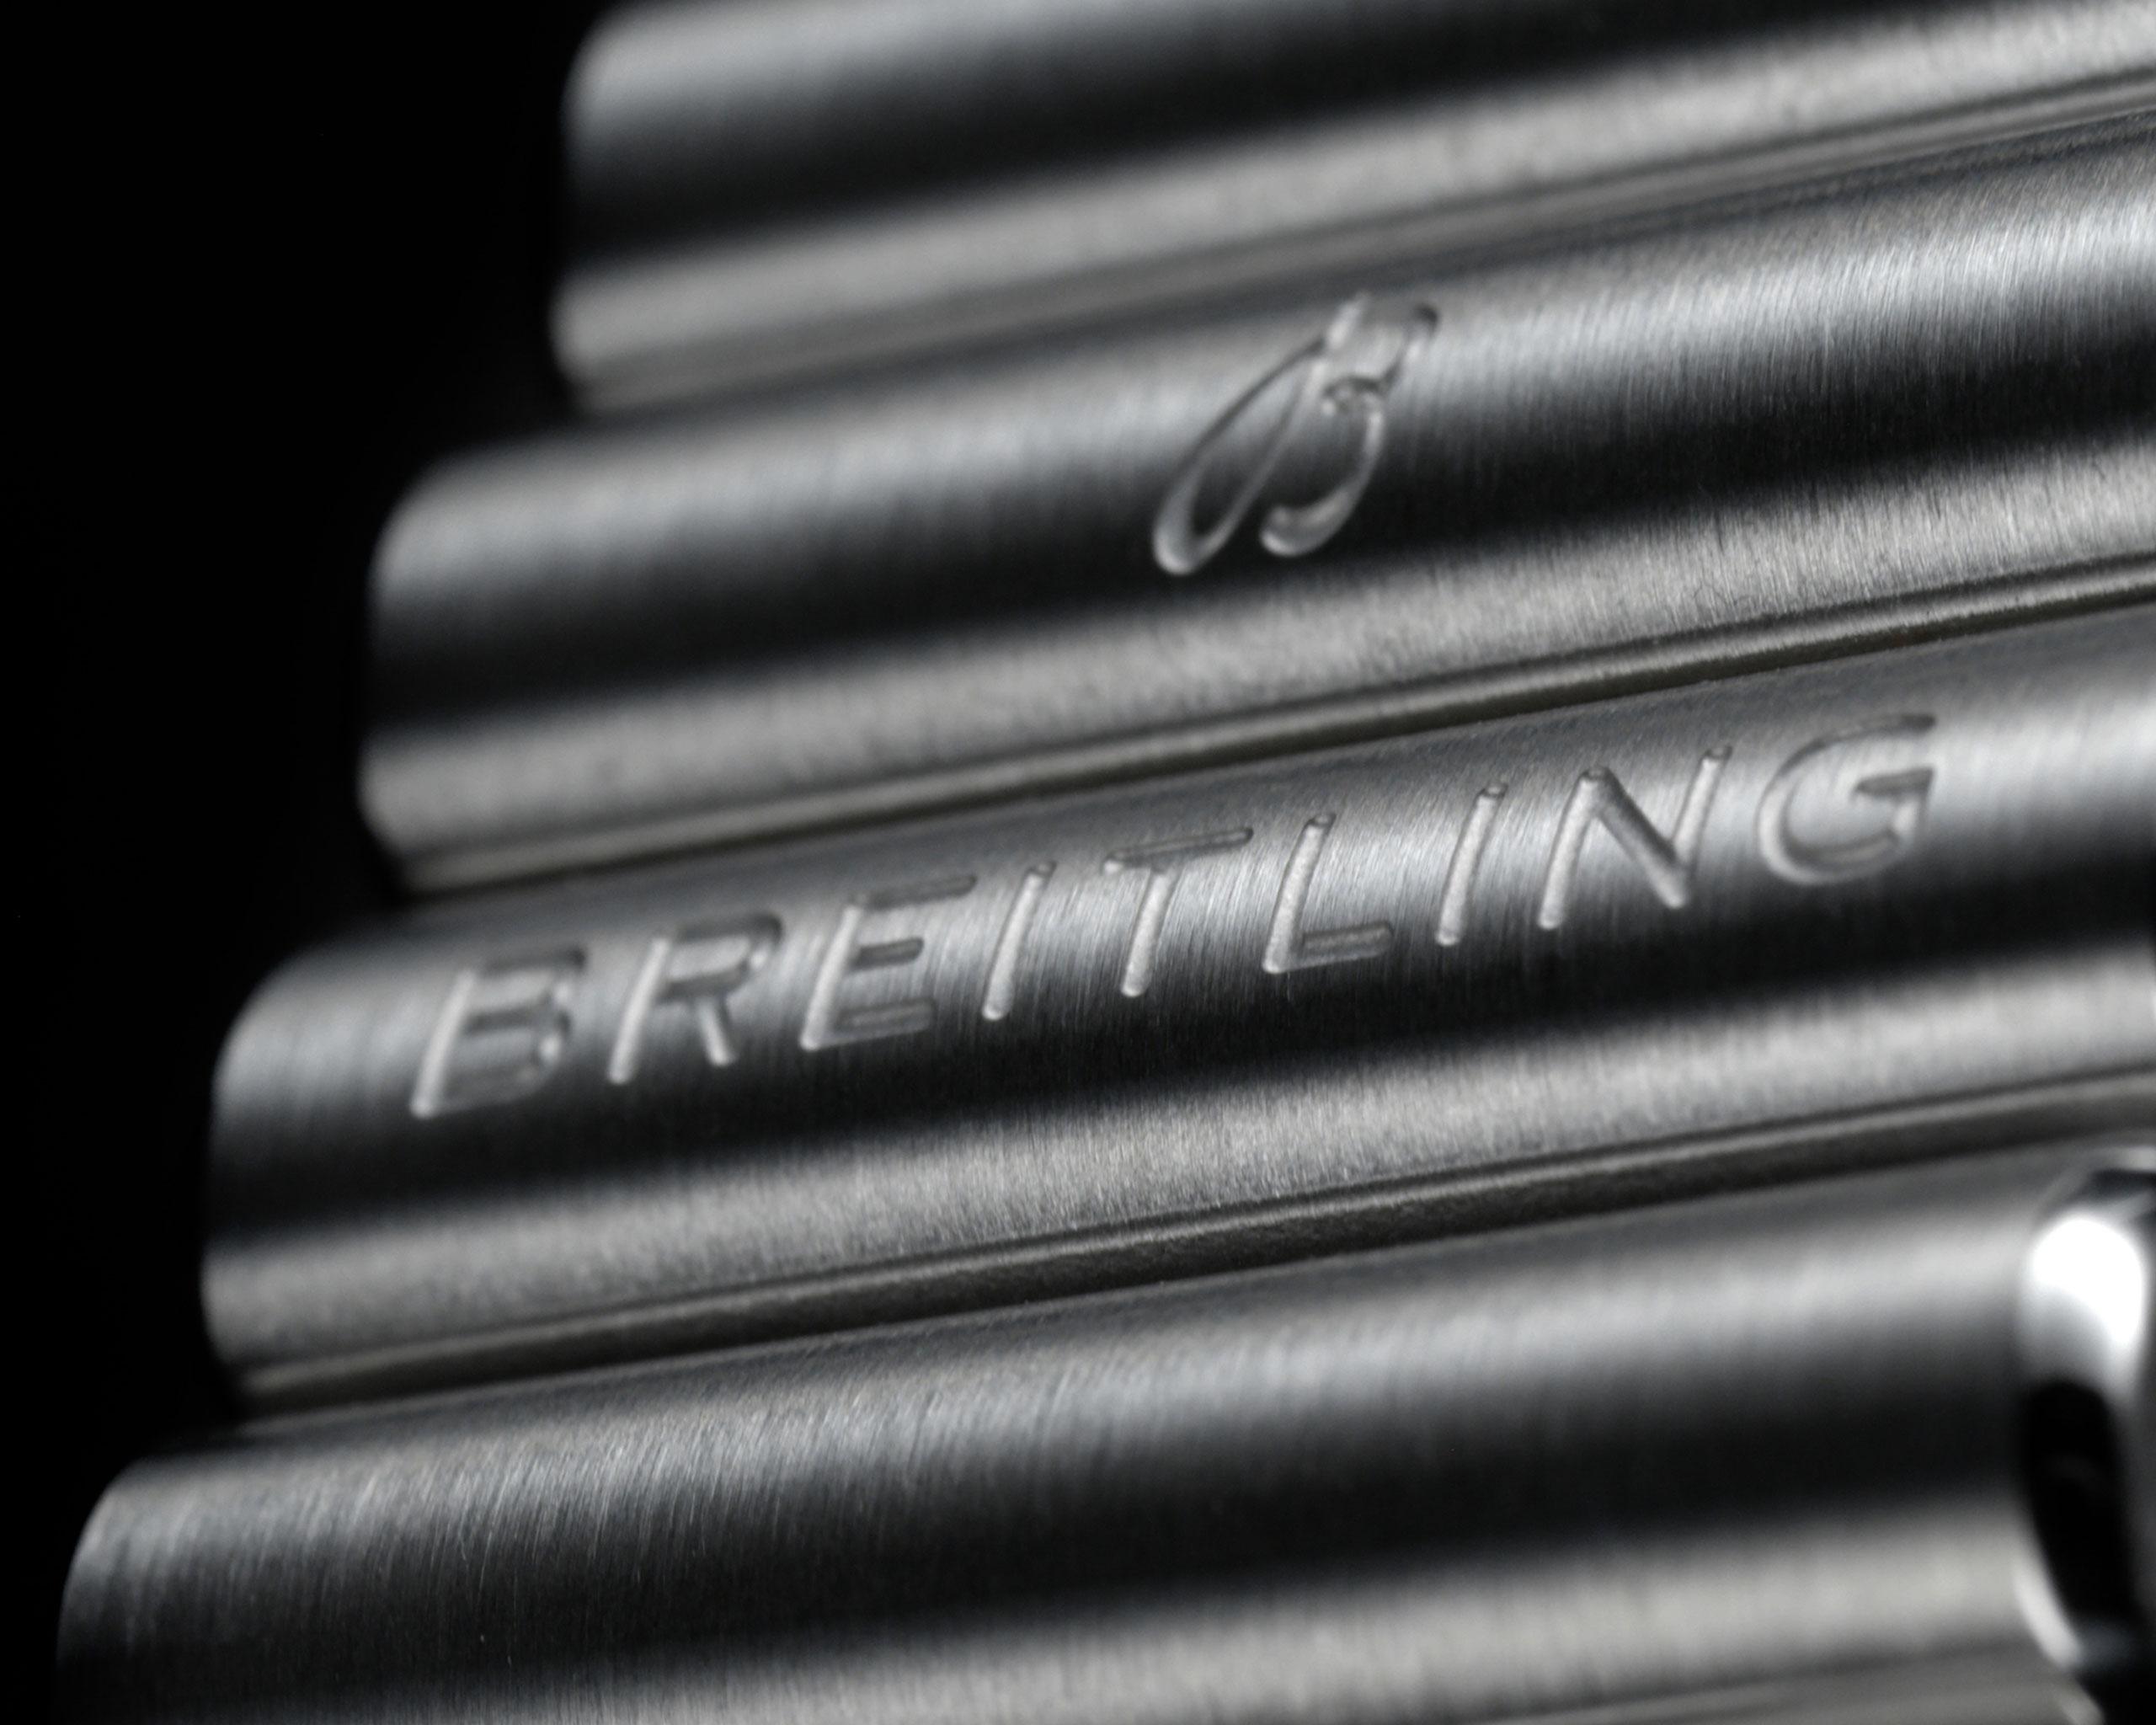 Bransoleta zegarka Breitling Chronomat - Rouleaux